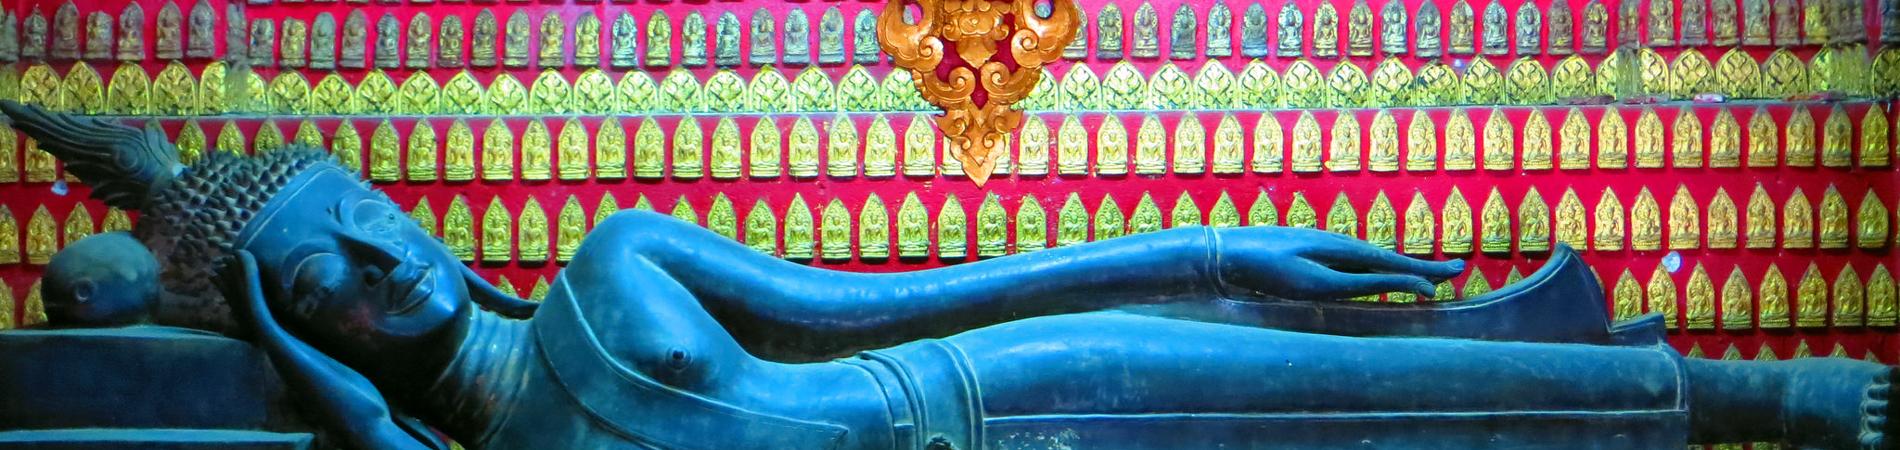 Marco LAO sleeping buddha header